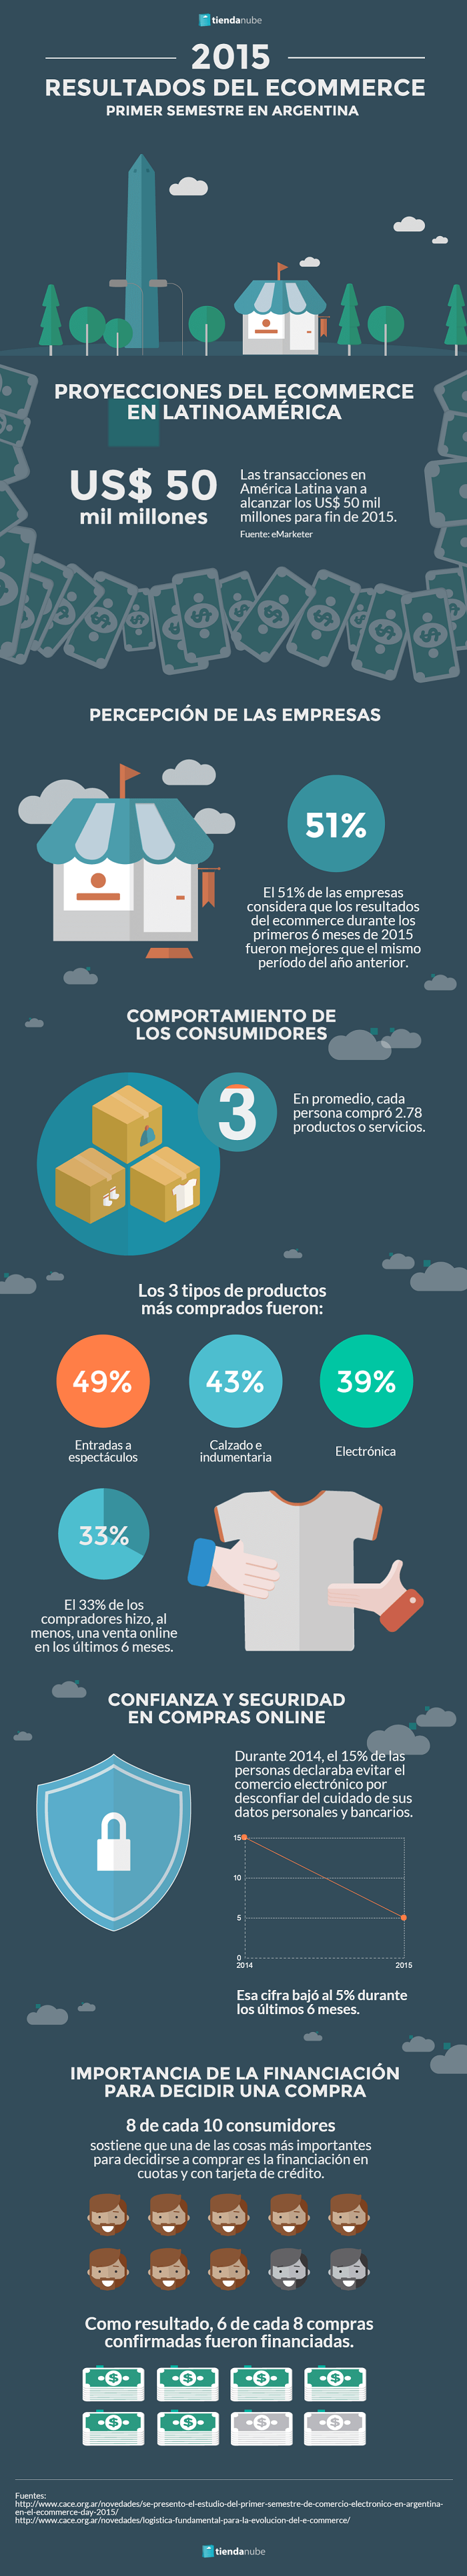 Infografía ecommerce 2015